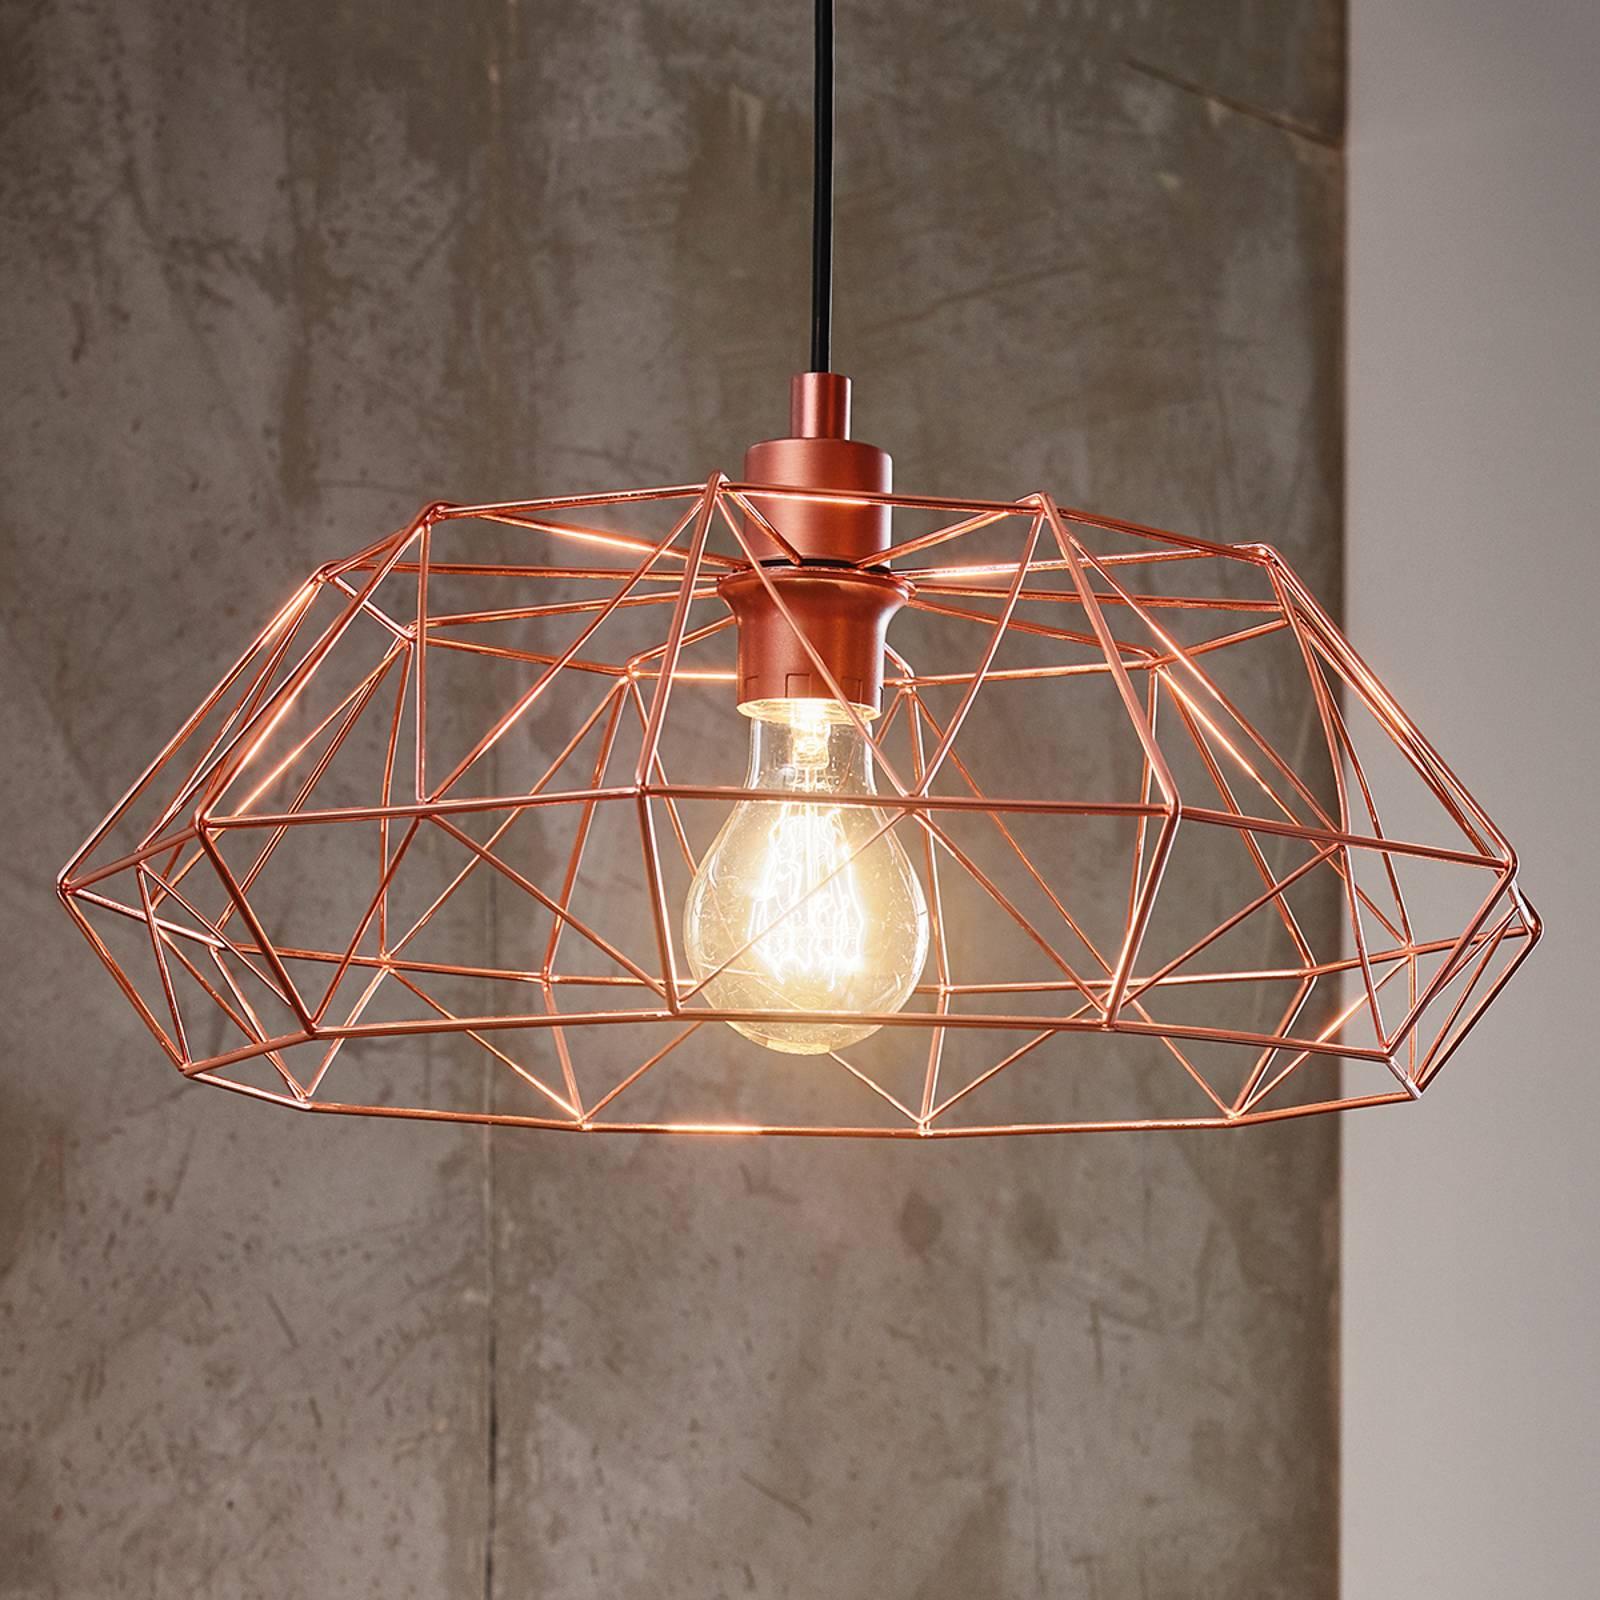 Hanglamp Carlton 2 m. koperkleurig gazen lampenkap